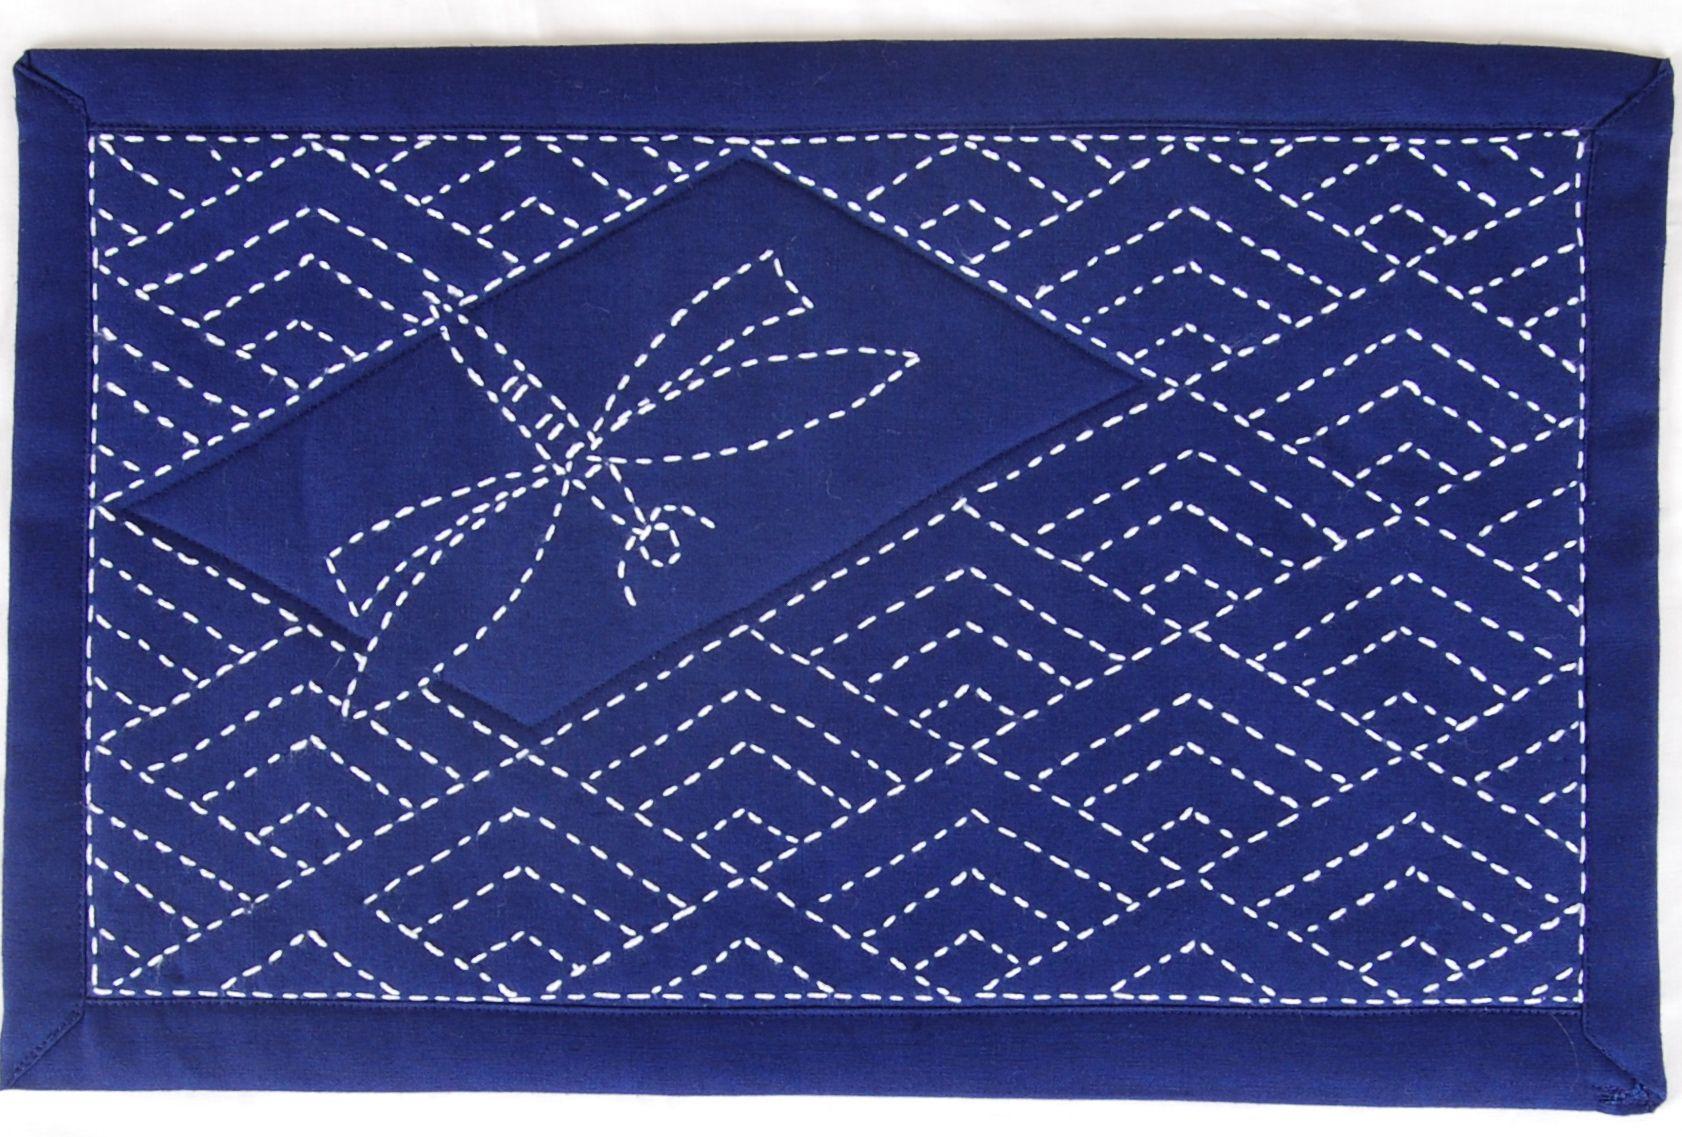 Sashiko Quilting Patterns Free : sashiko patterns free download Sashiko Patterns Crafts Pinterest Brain